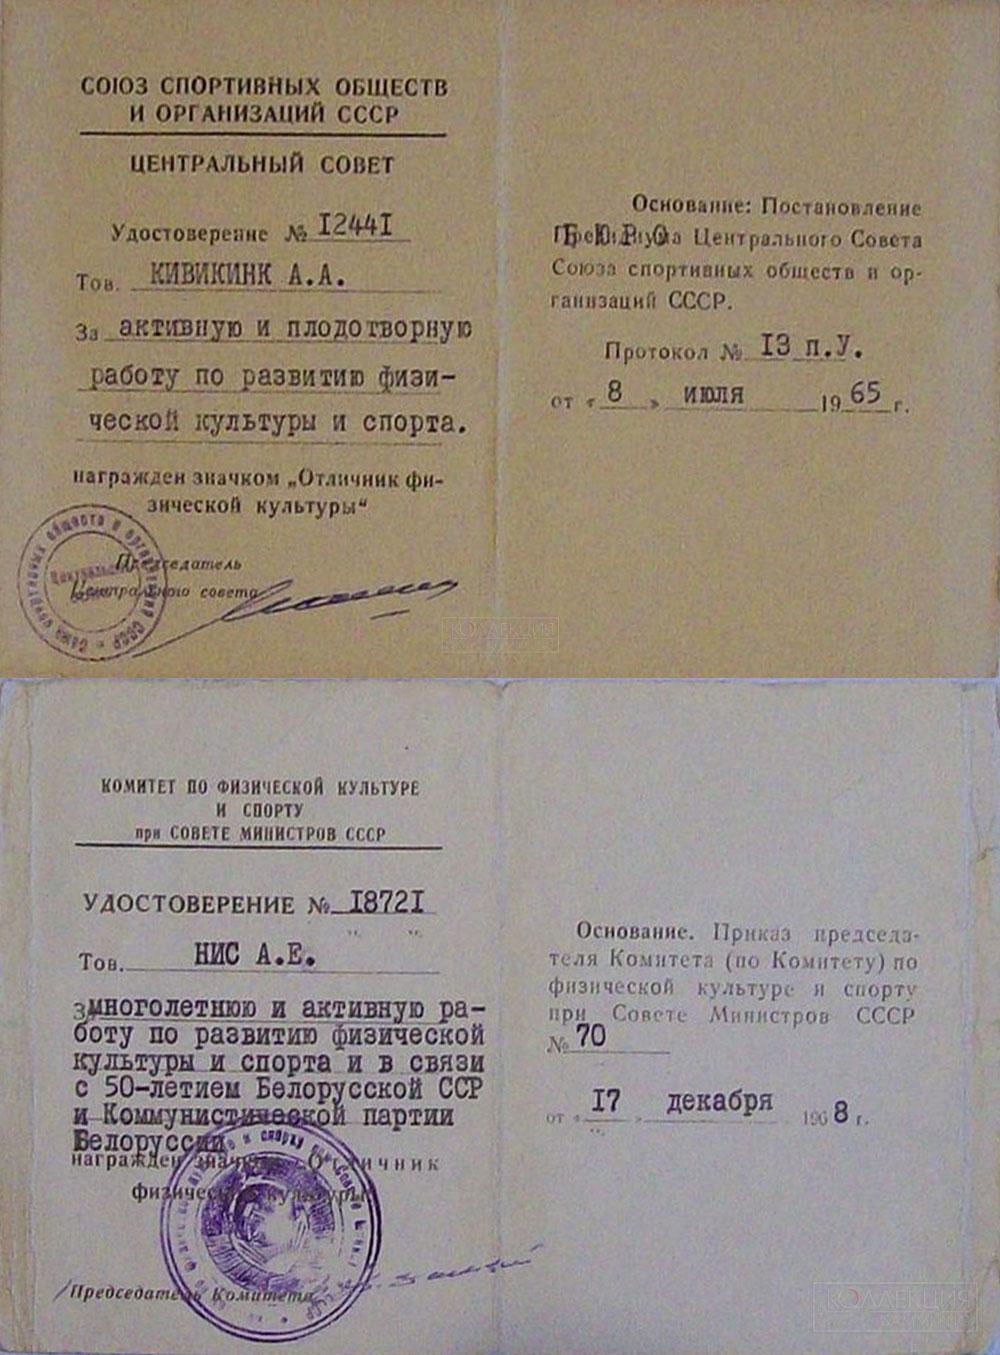 """Удостоверение к значку """"Отличник физической культуры и спорта"""""""